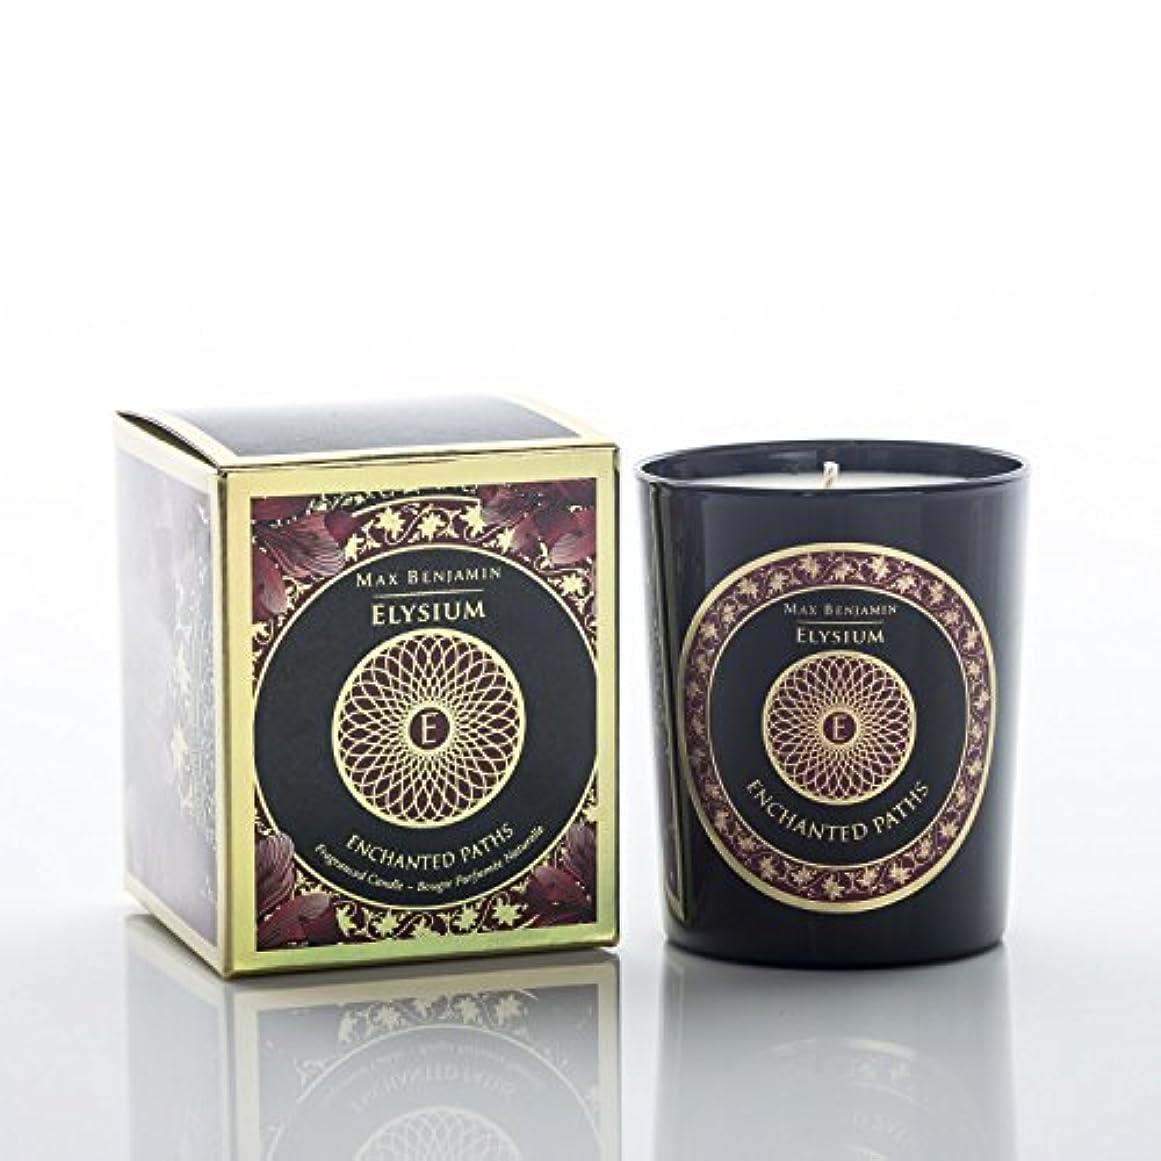 プレフィックス浅い無効Max Benjamin Elysium Candle香りつき190 gガラスJar MB-EC1